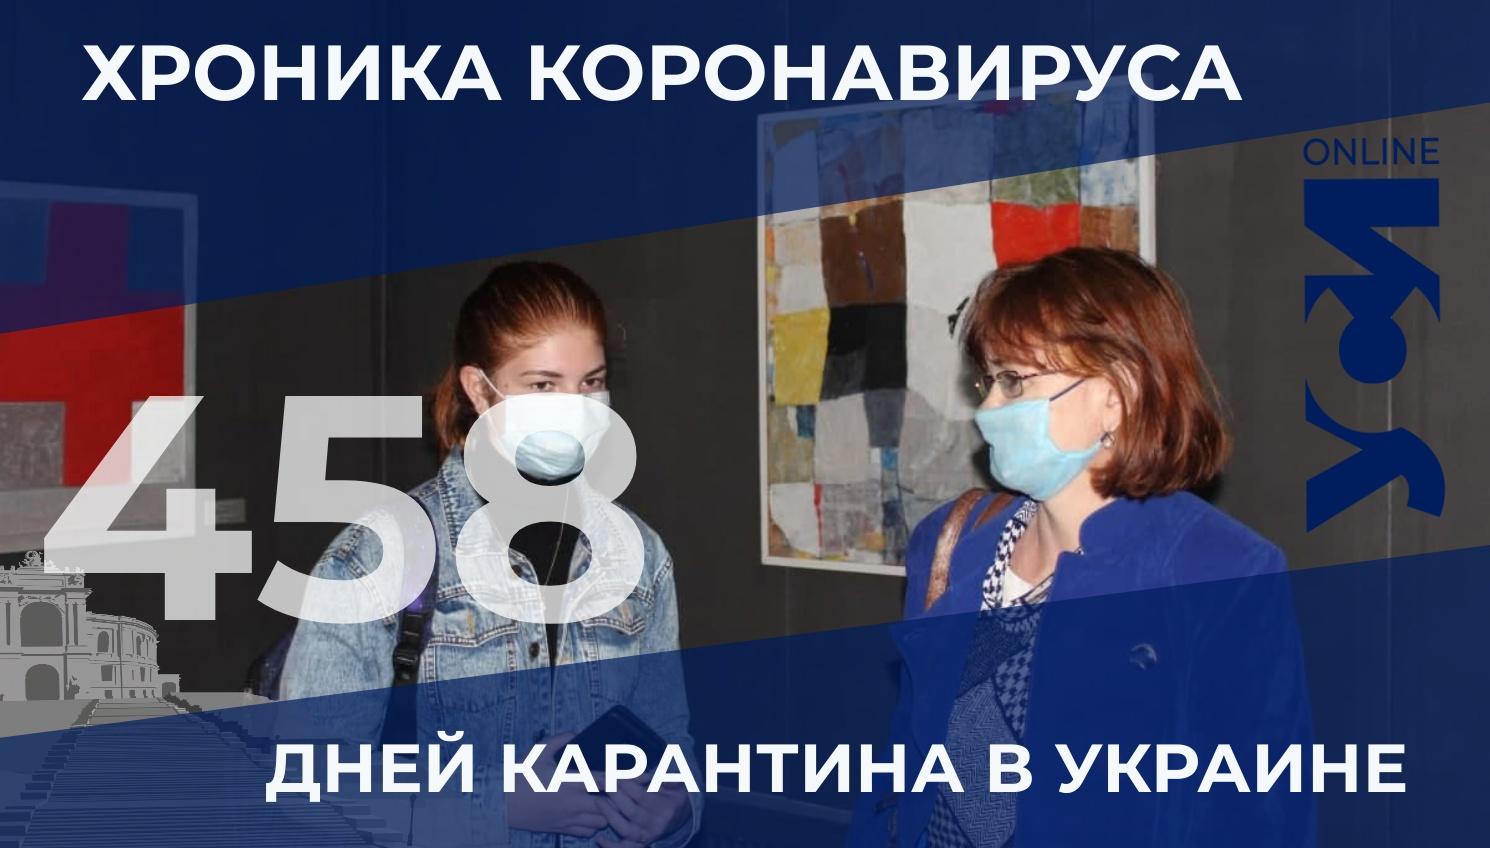 Хроника коронавируса: в Одесской области еще 6 человек умерли из-за болезни «фото»